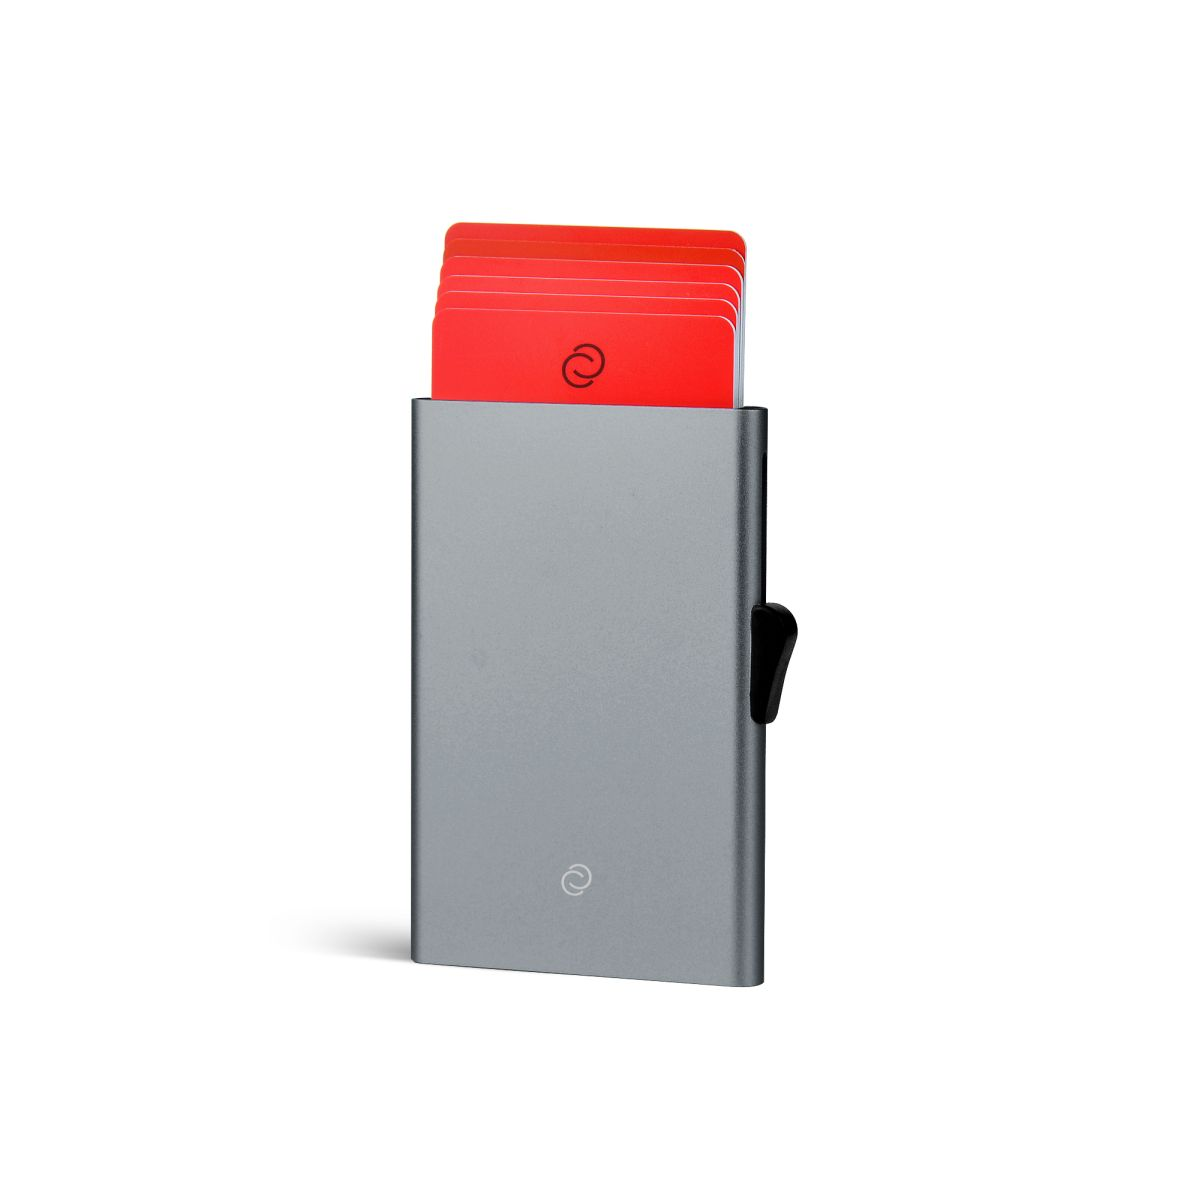 C-Secure ארנק אלומיניום מינימלסטי לכרטיסים - טיטניום